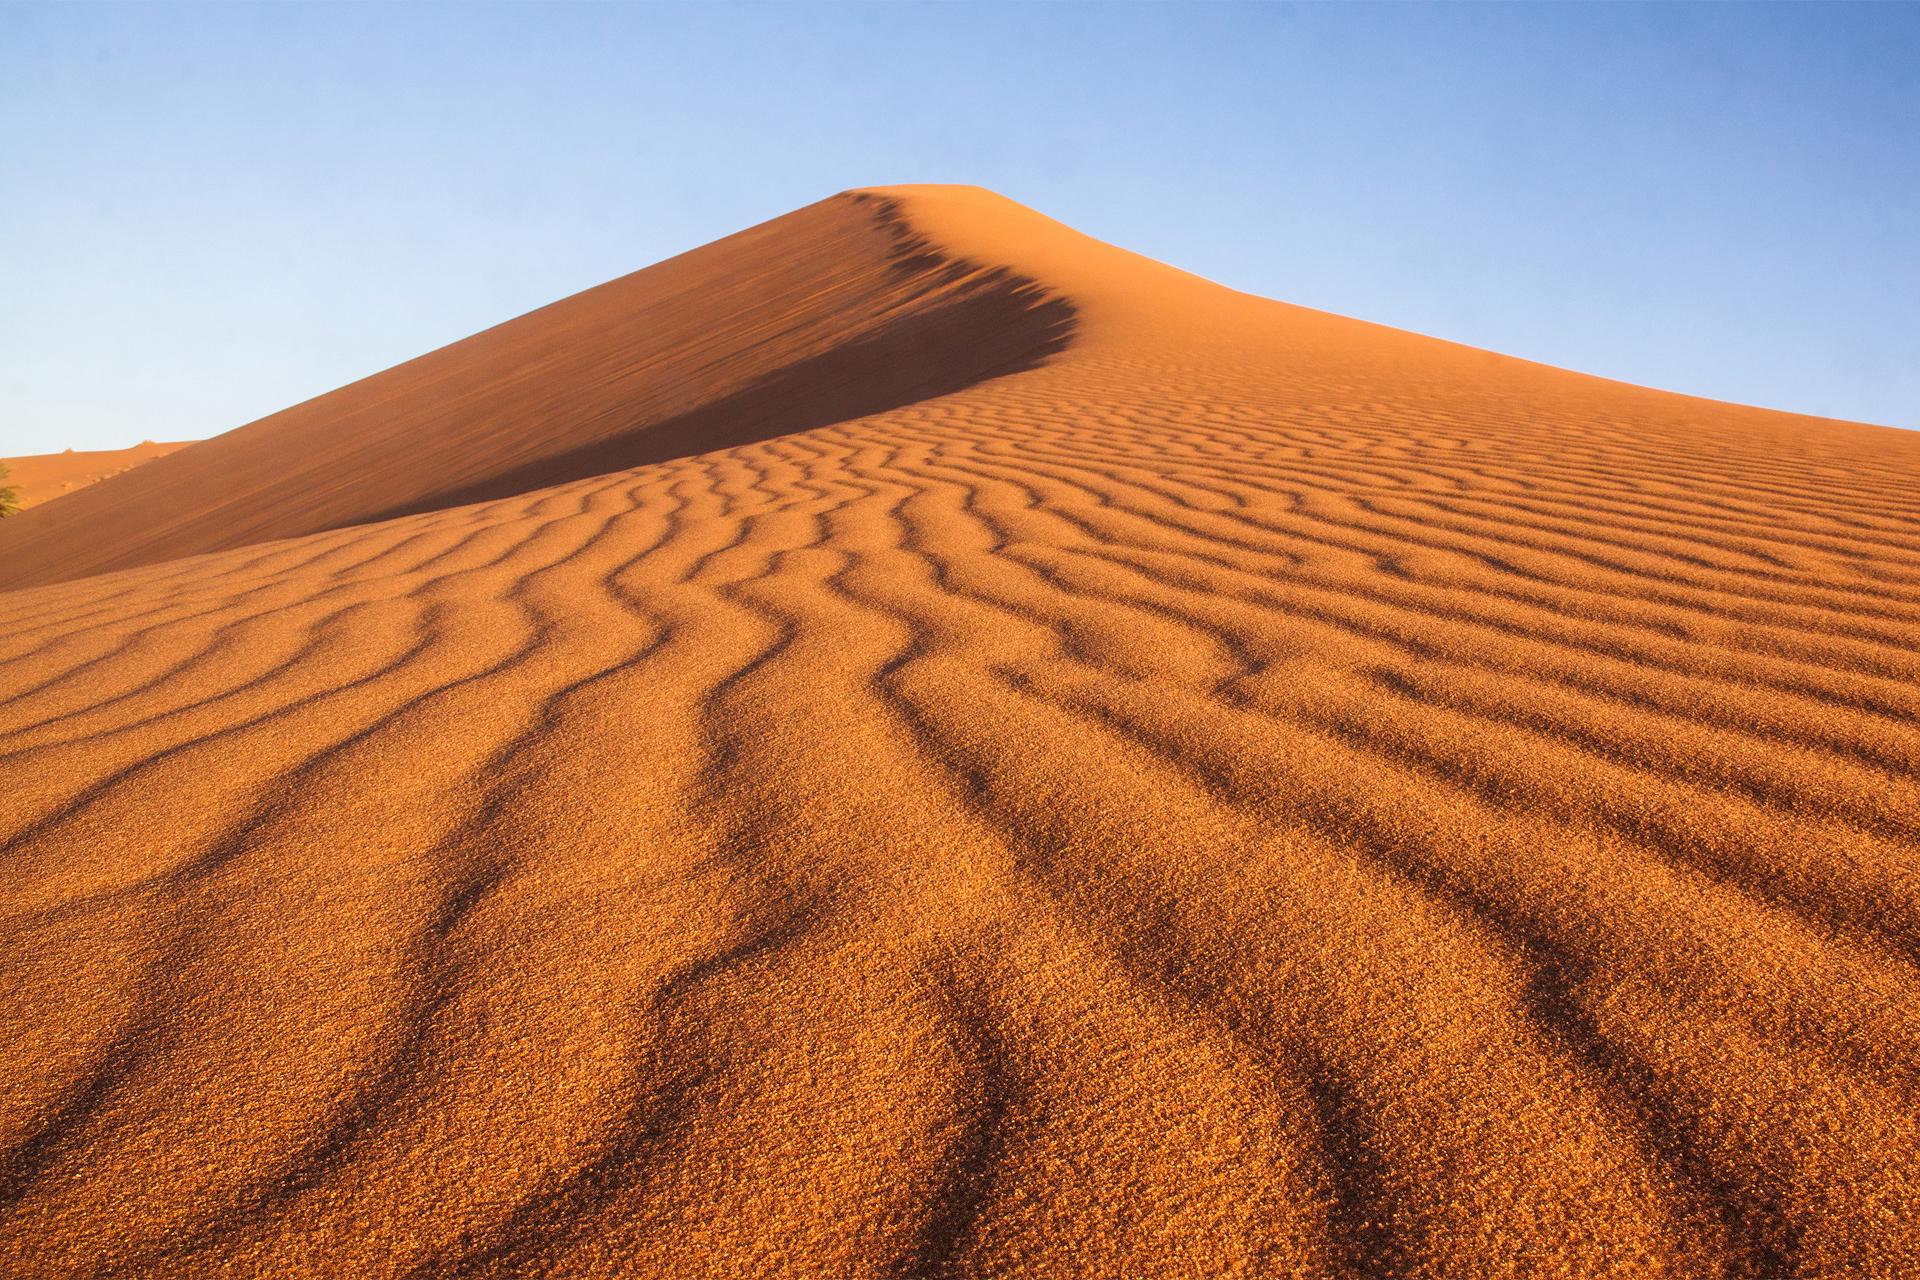 барханы пустыня дюны  № 1291899 загрузить